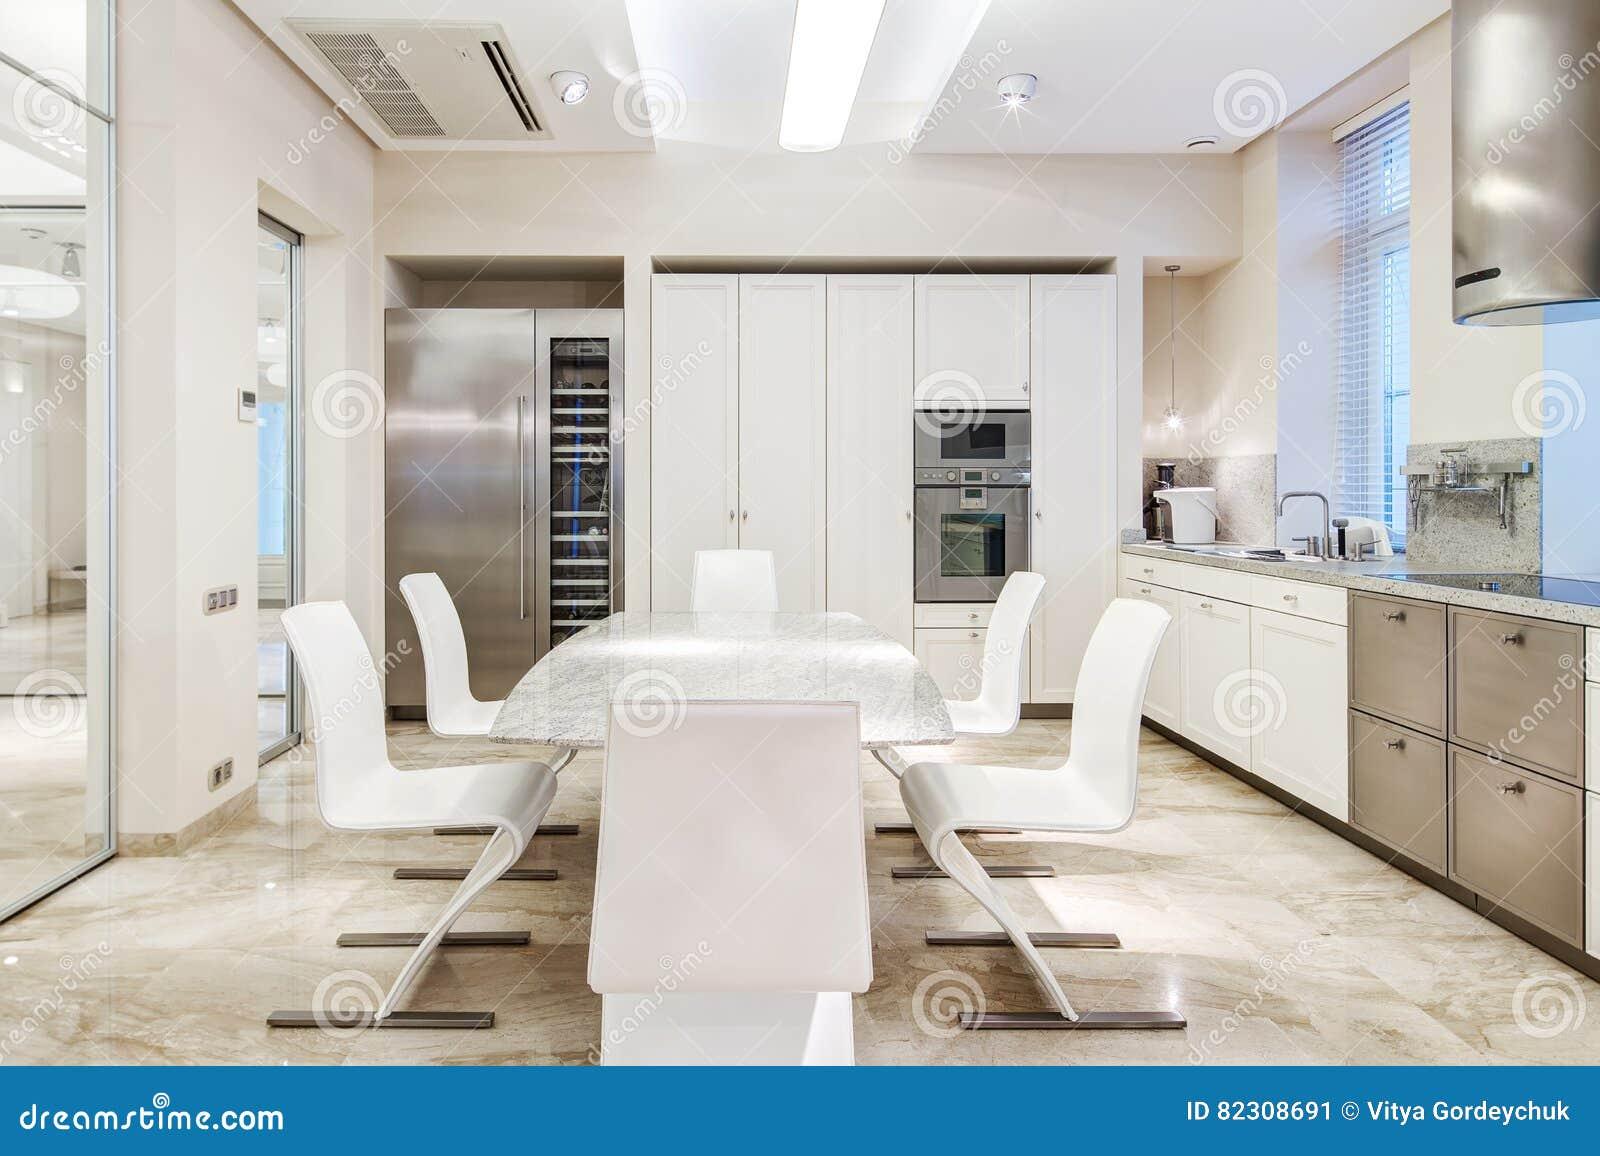 Cuisine de luxe blanche